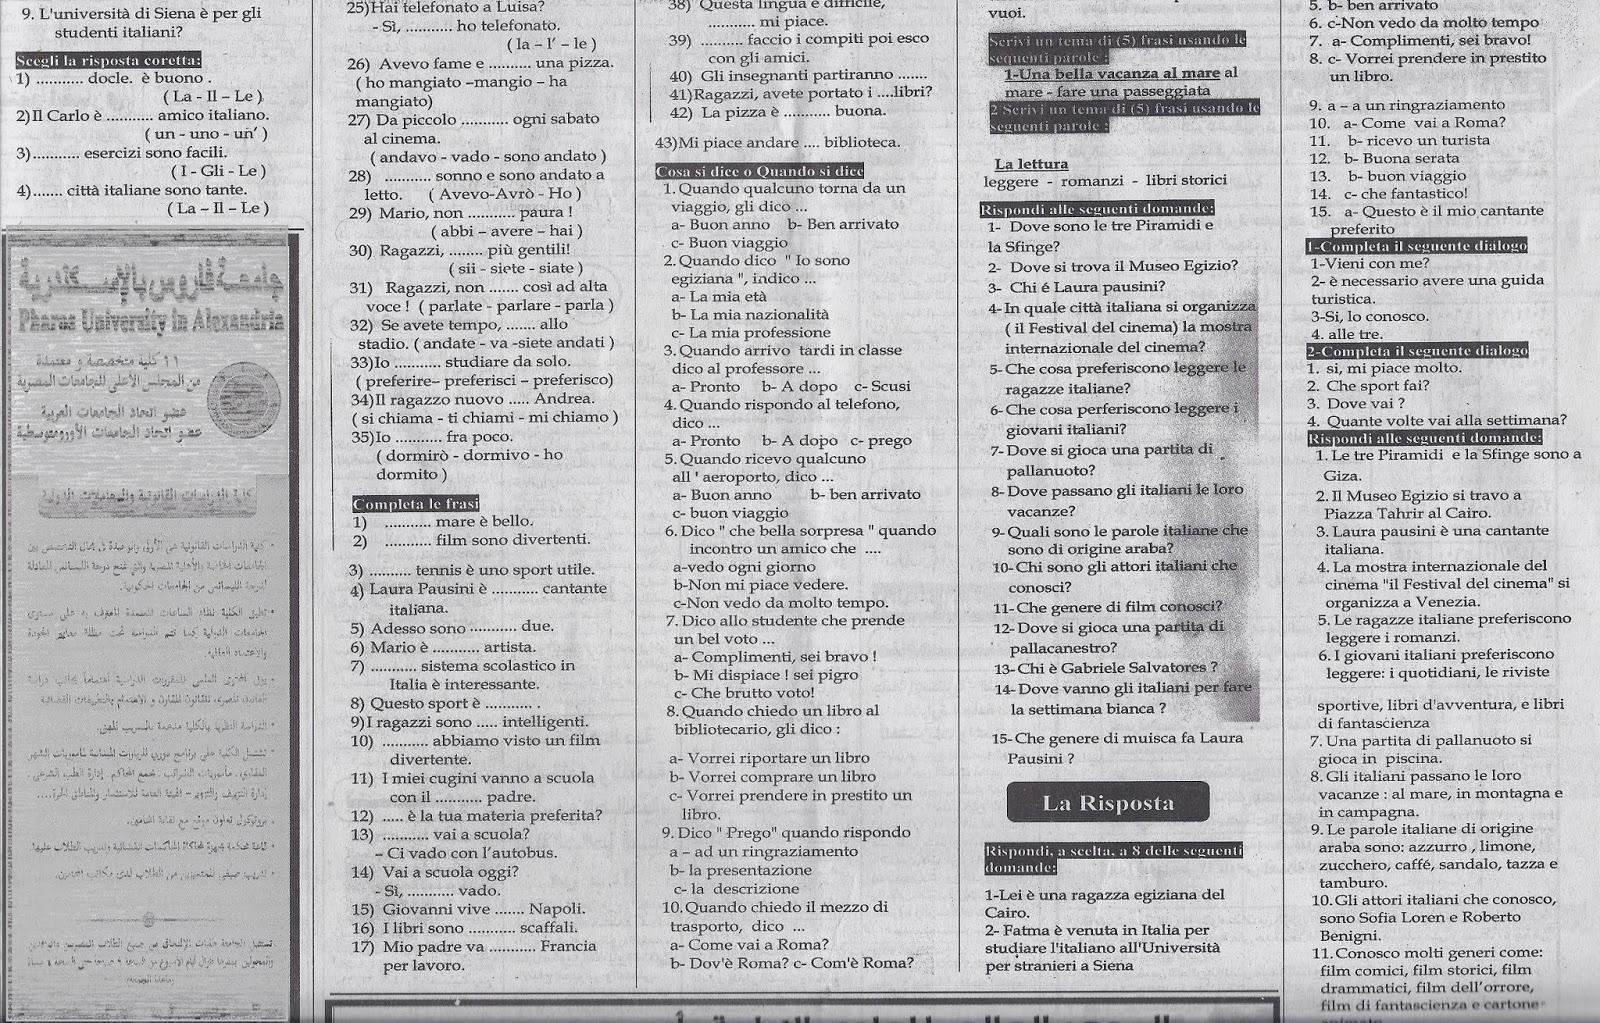 مراجعة ليلة الامتحان اللغة الايطالية الثانوية العاة 2014 نظام حديث ملحق الجمهورية التعليمي